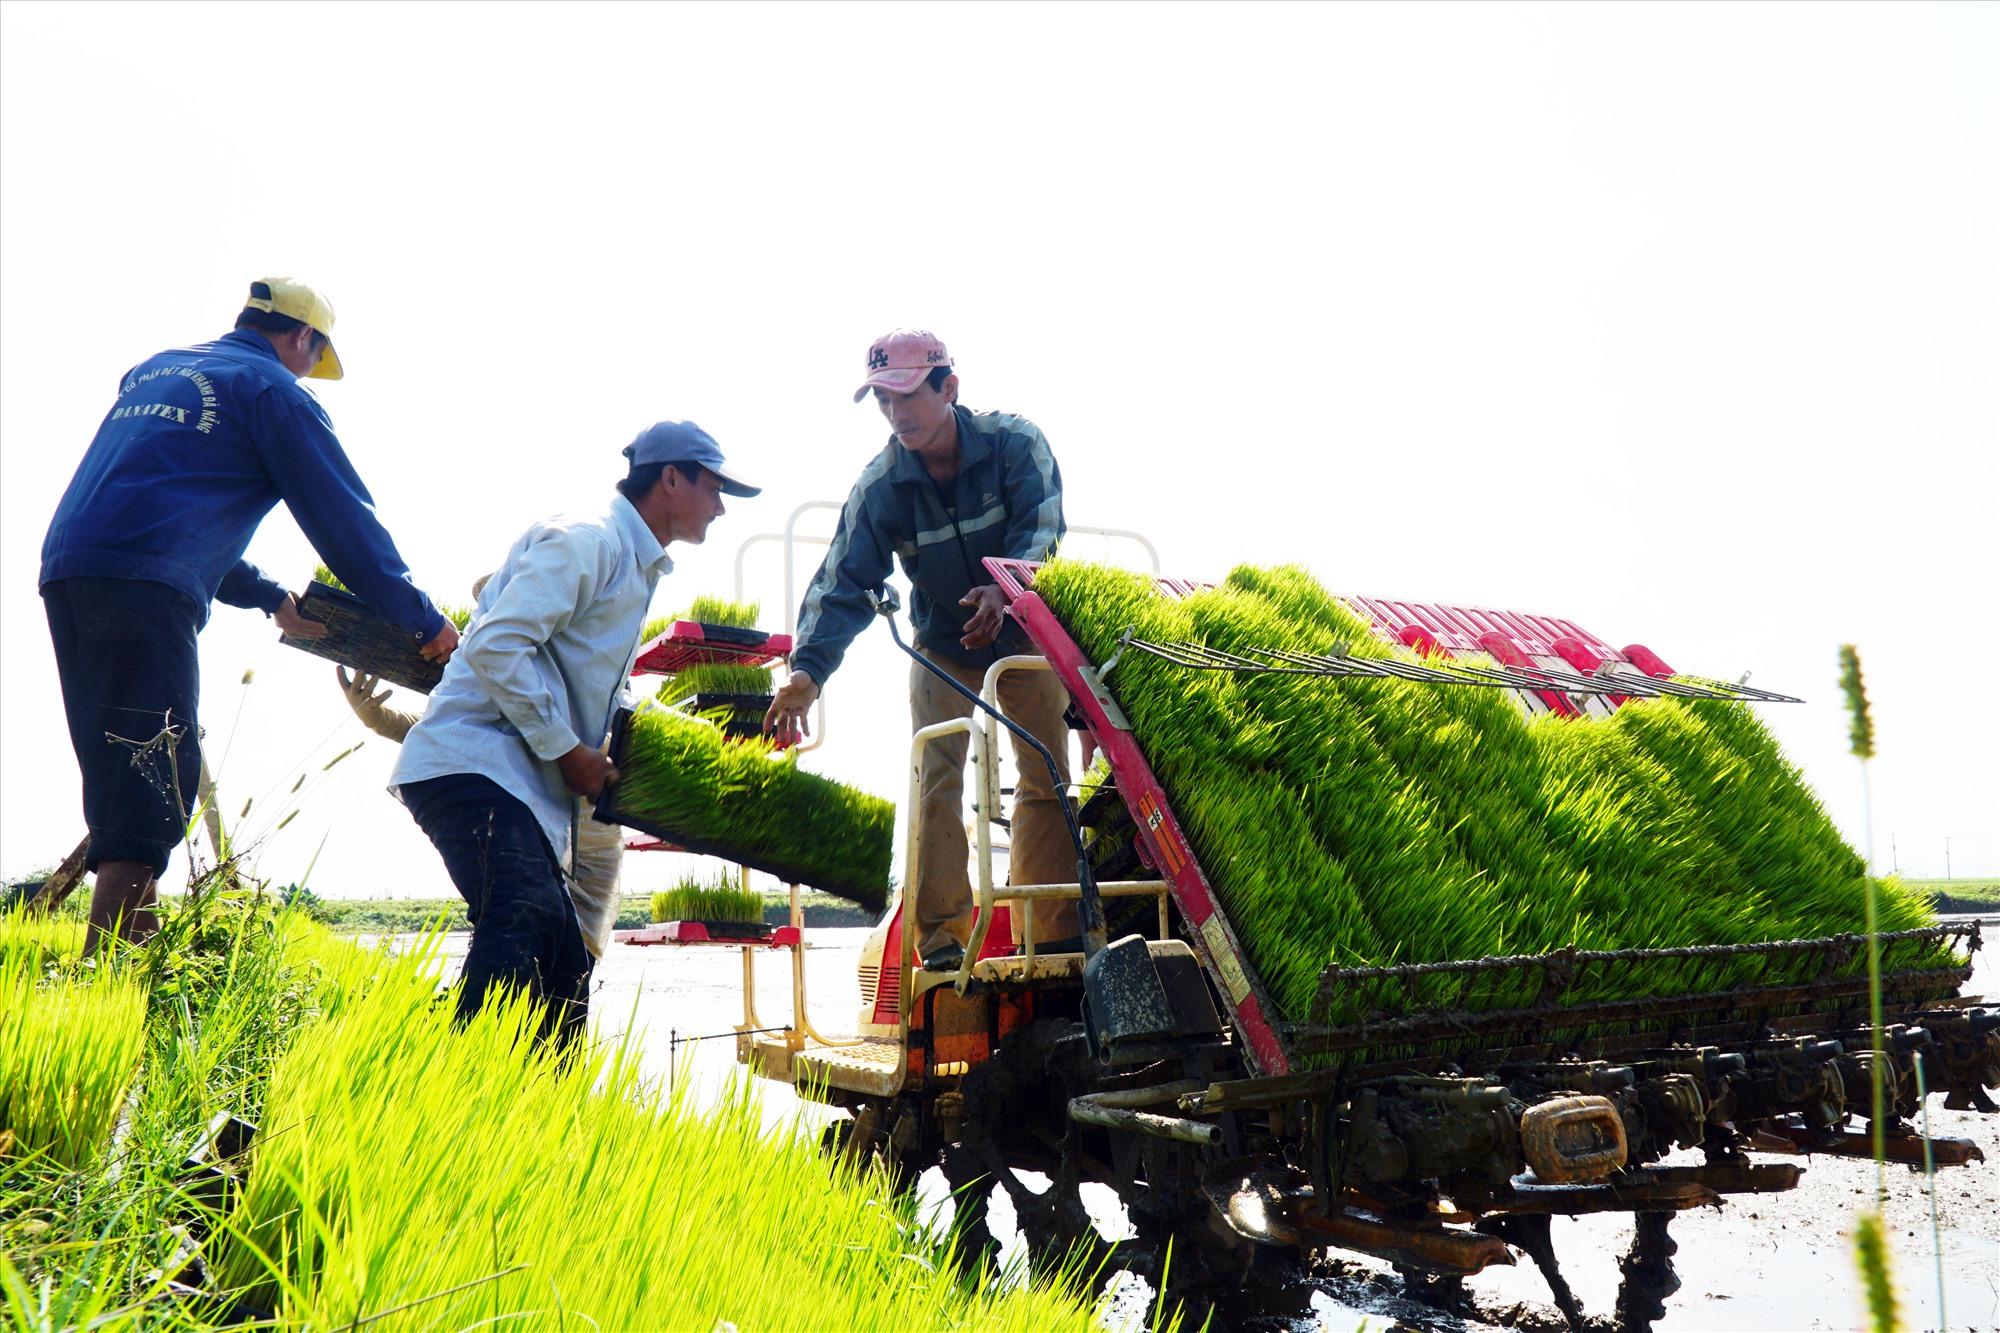 Trong 10 năm qua, Quảng Nam từng bước hiện đại hóa nền nông nghiệp. Ảnh: N.KẾT